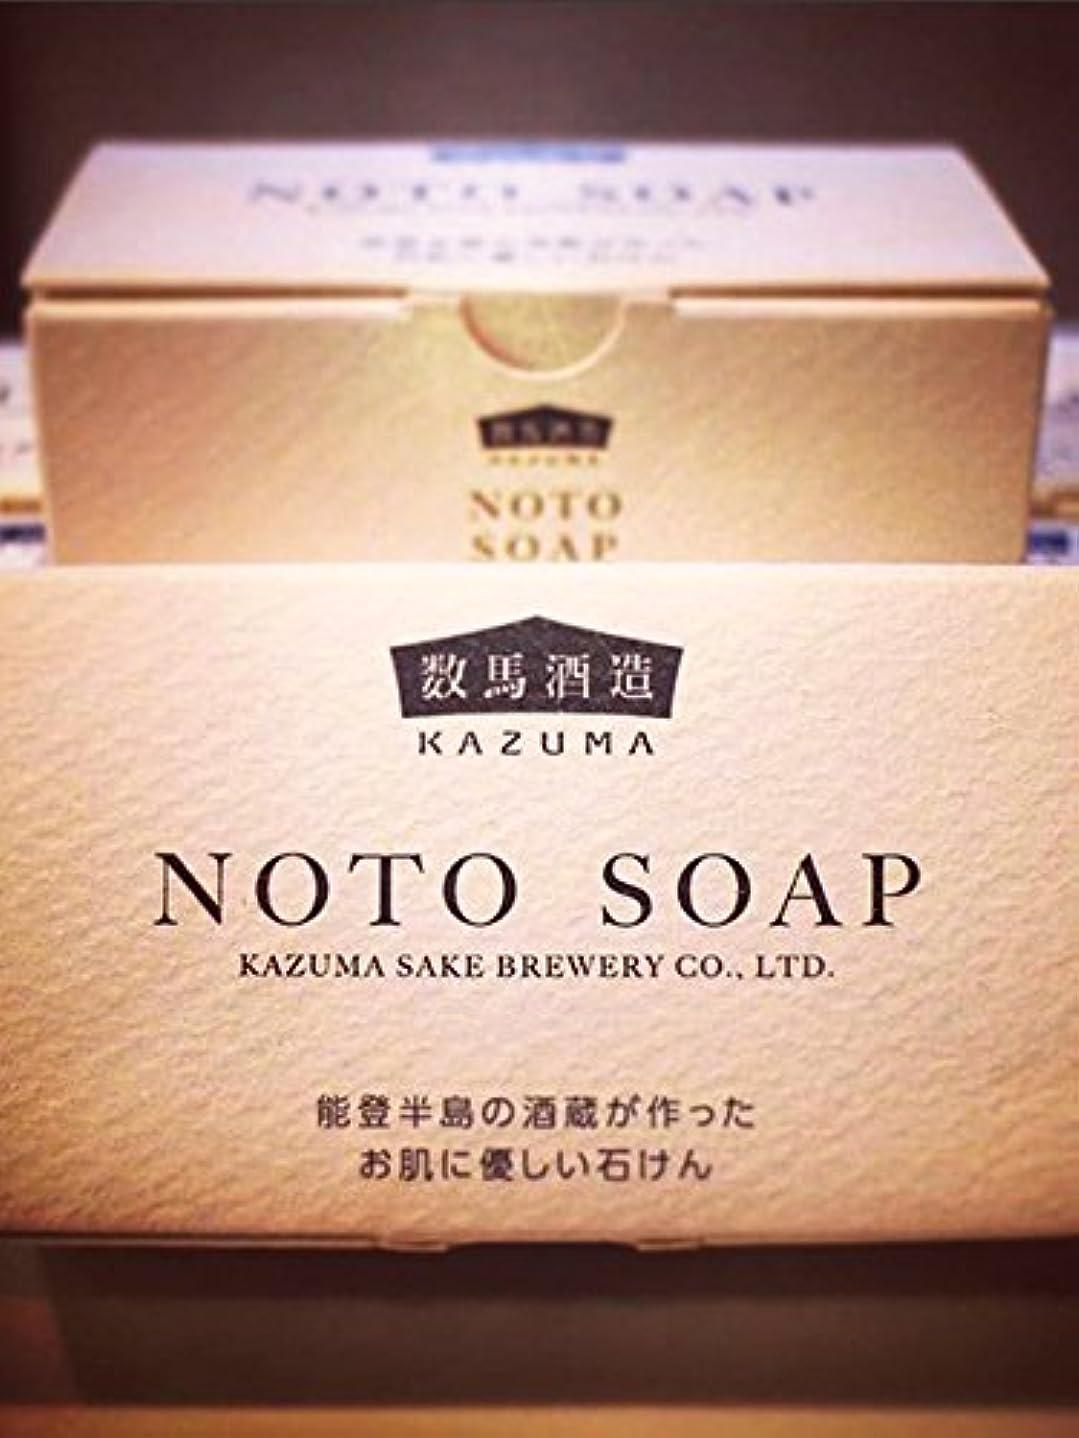 五月くつろぎ多様体竹葉 NOTO SOAP 酒粕石鹸 1個80g